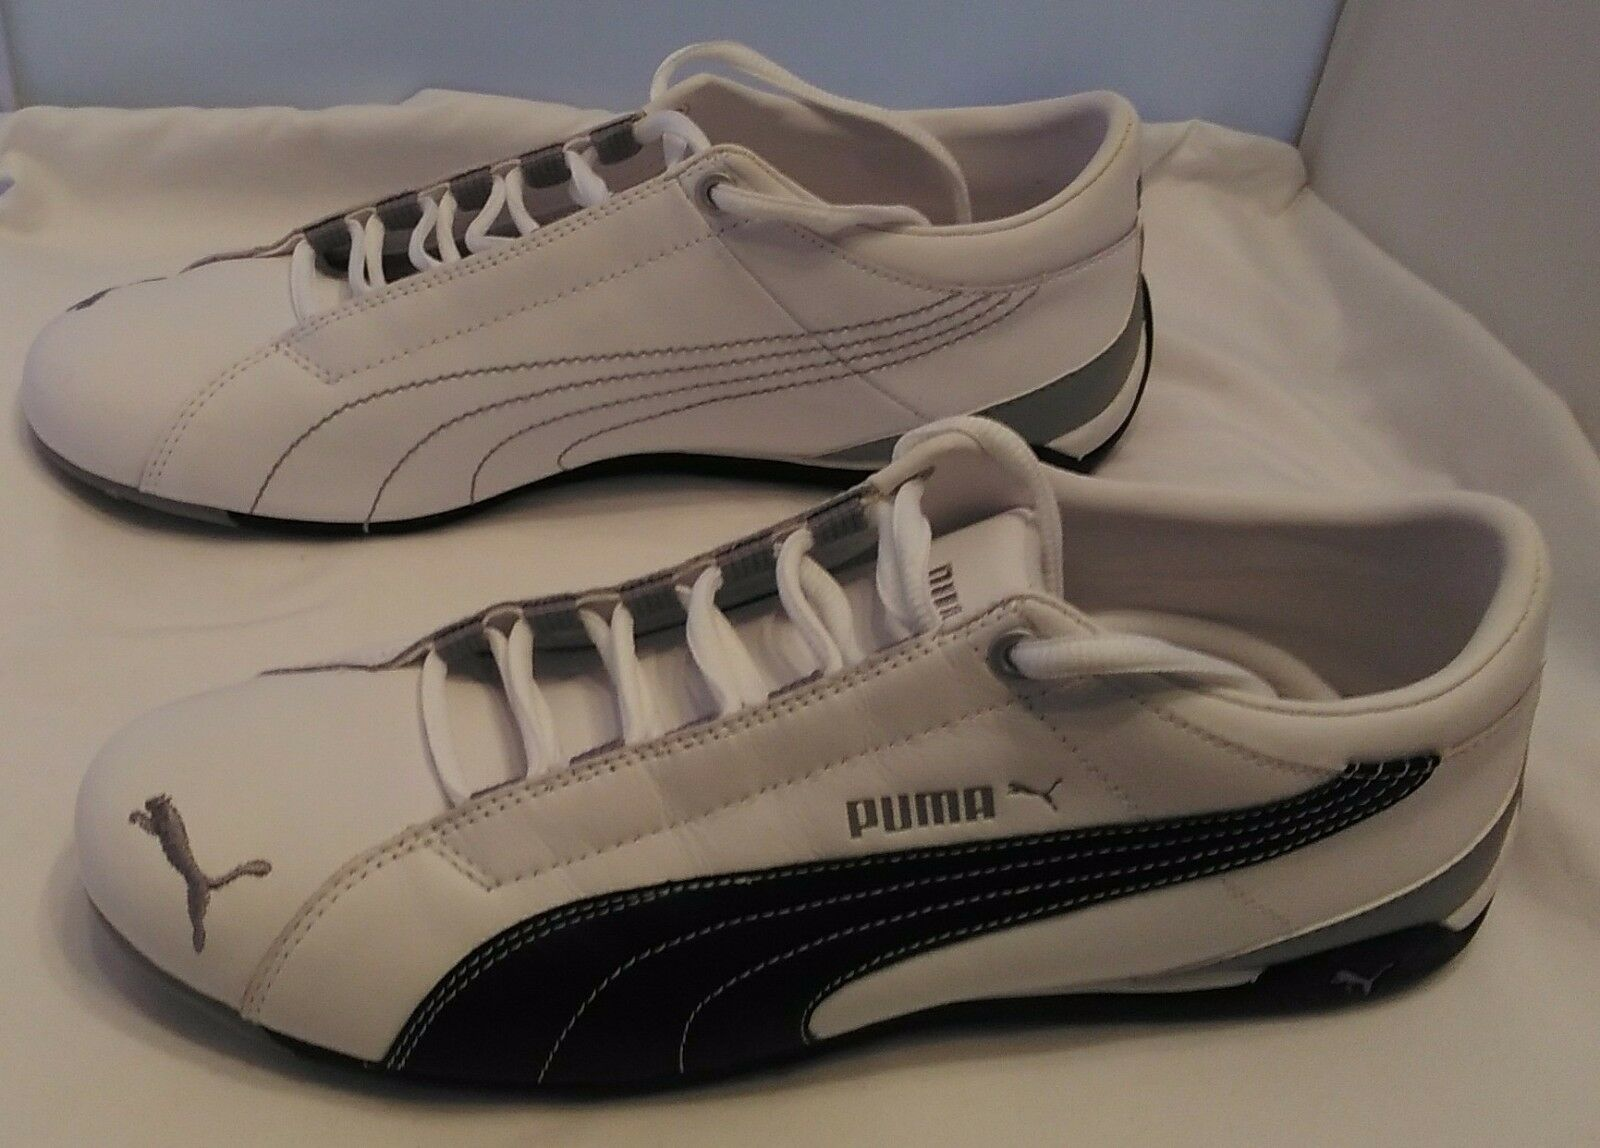 Puma cabana racer ii scarpe 347163 347163 scarpe noi m 10 perla blu di nuovo in scatola 004a1c